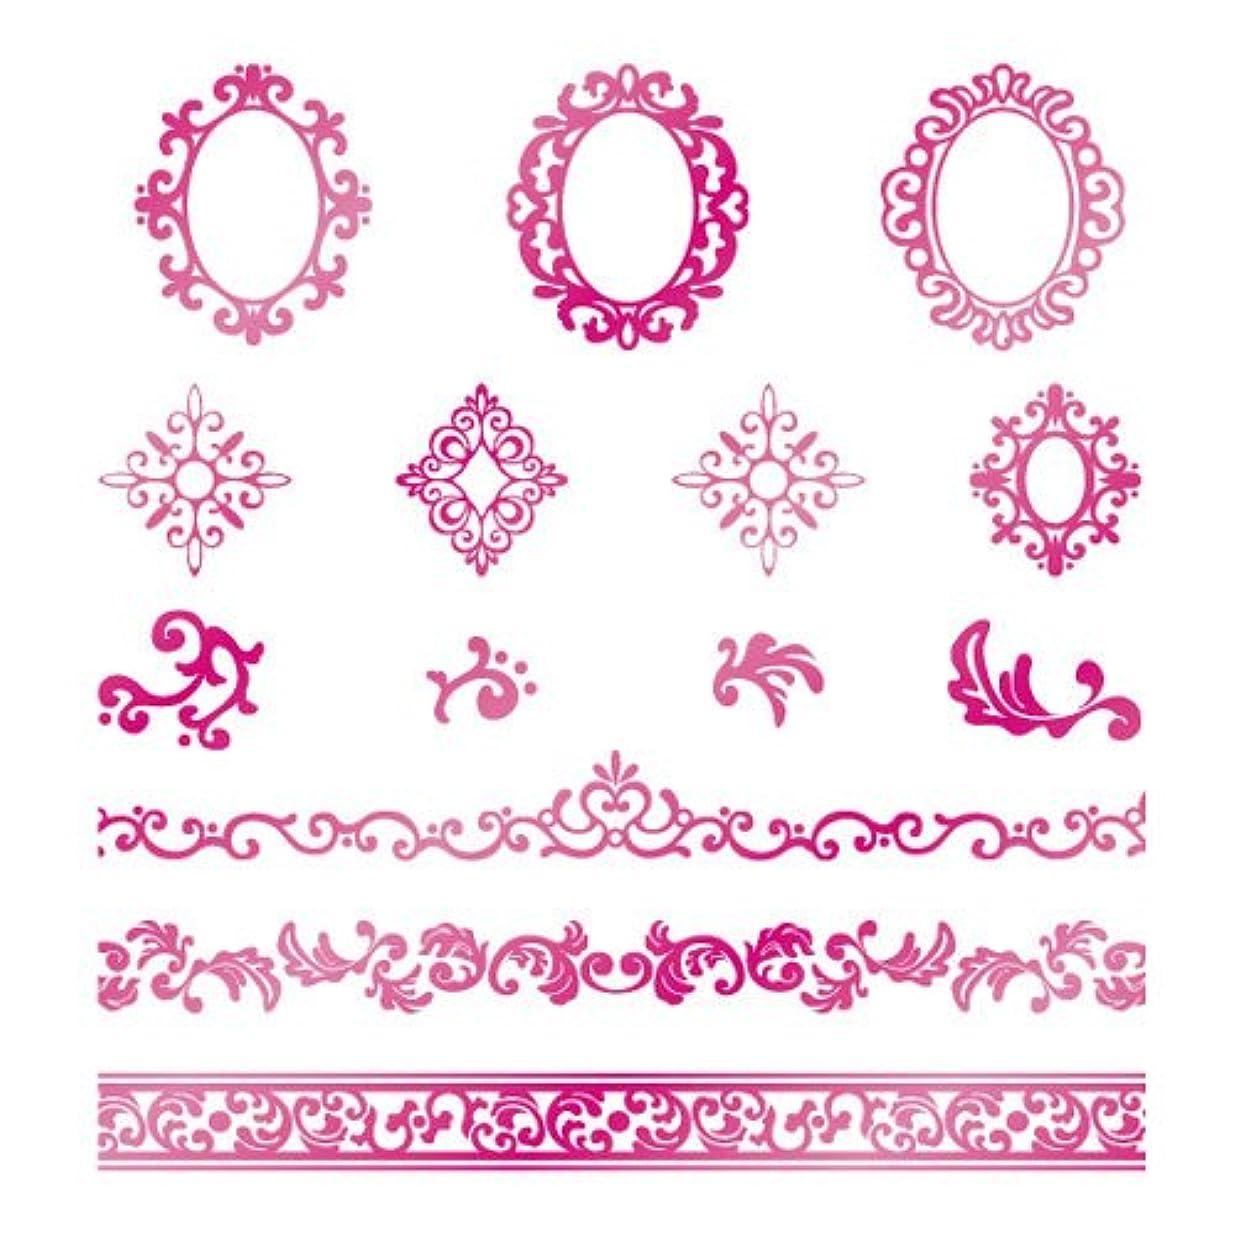 フックズーム波ツメキラ ネイル用シール  プレミアム ロココ メタリックピンク